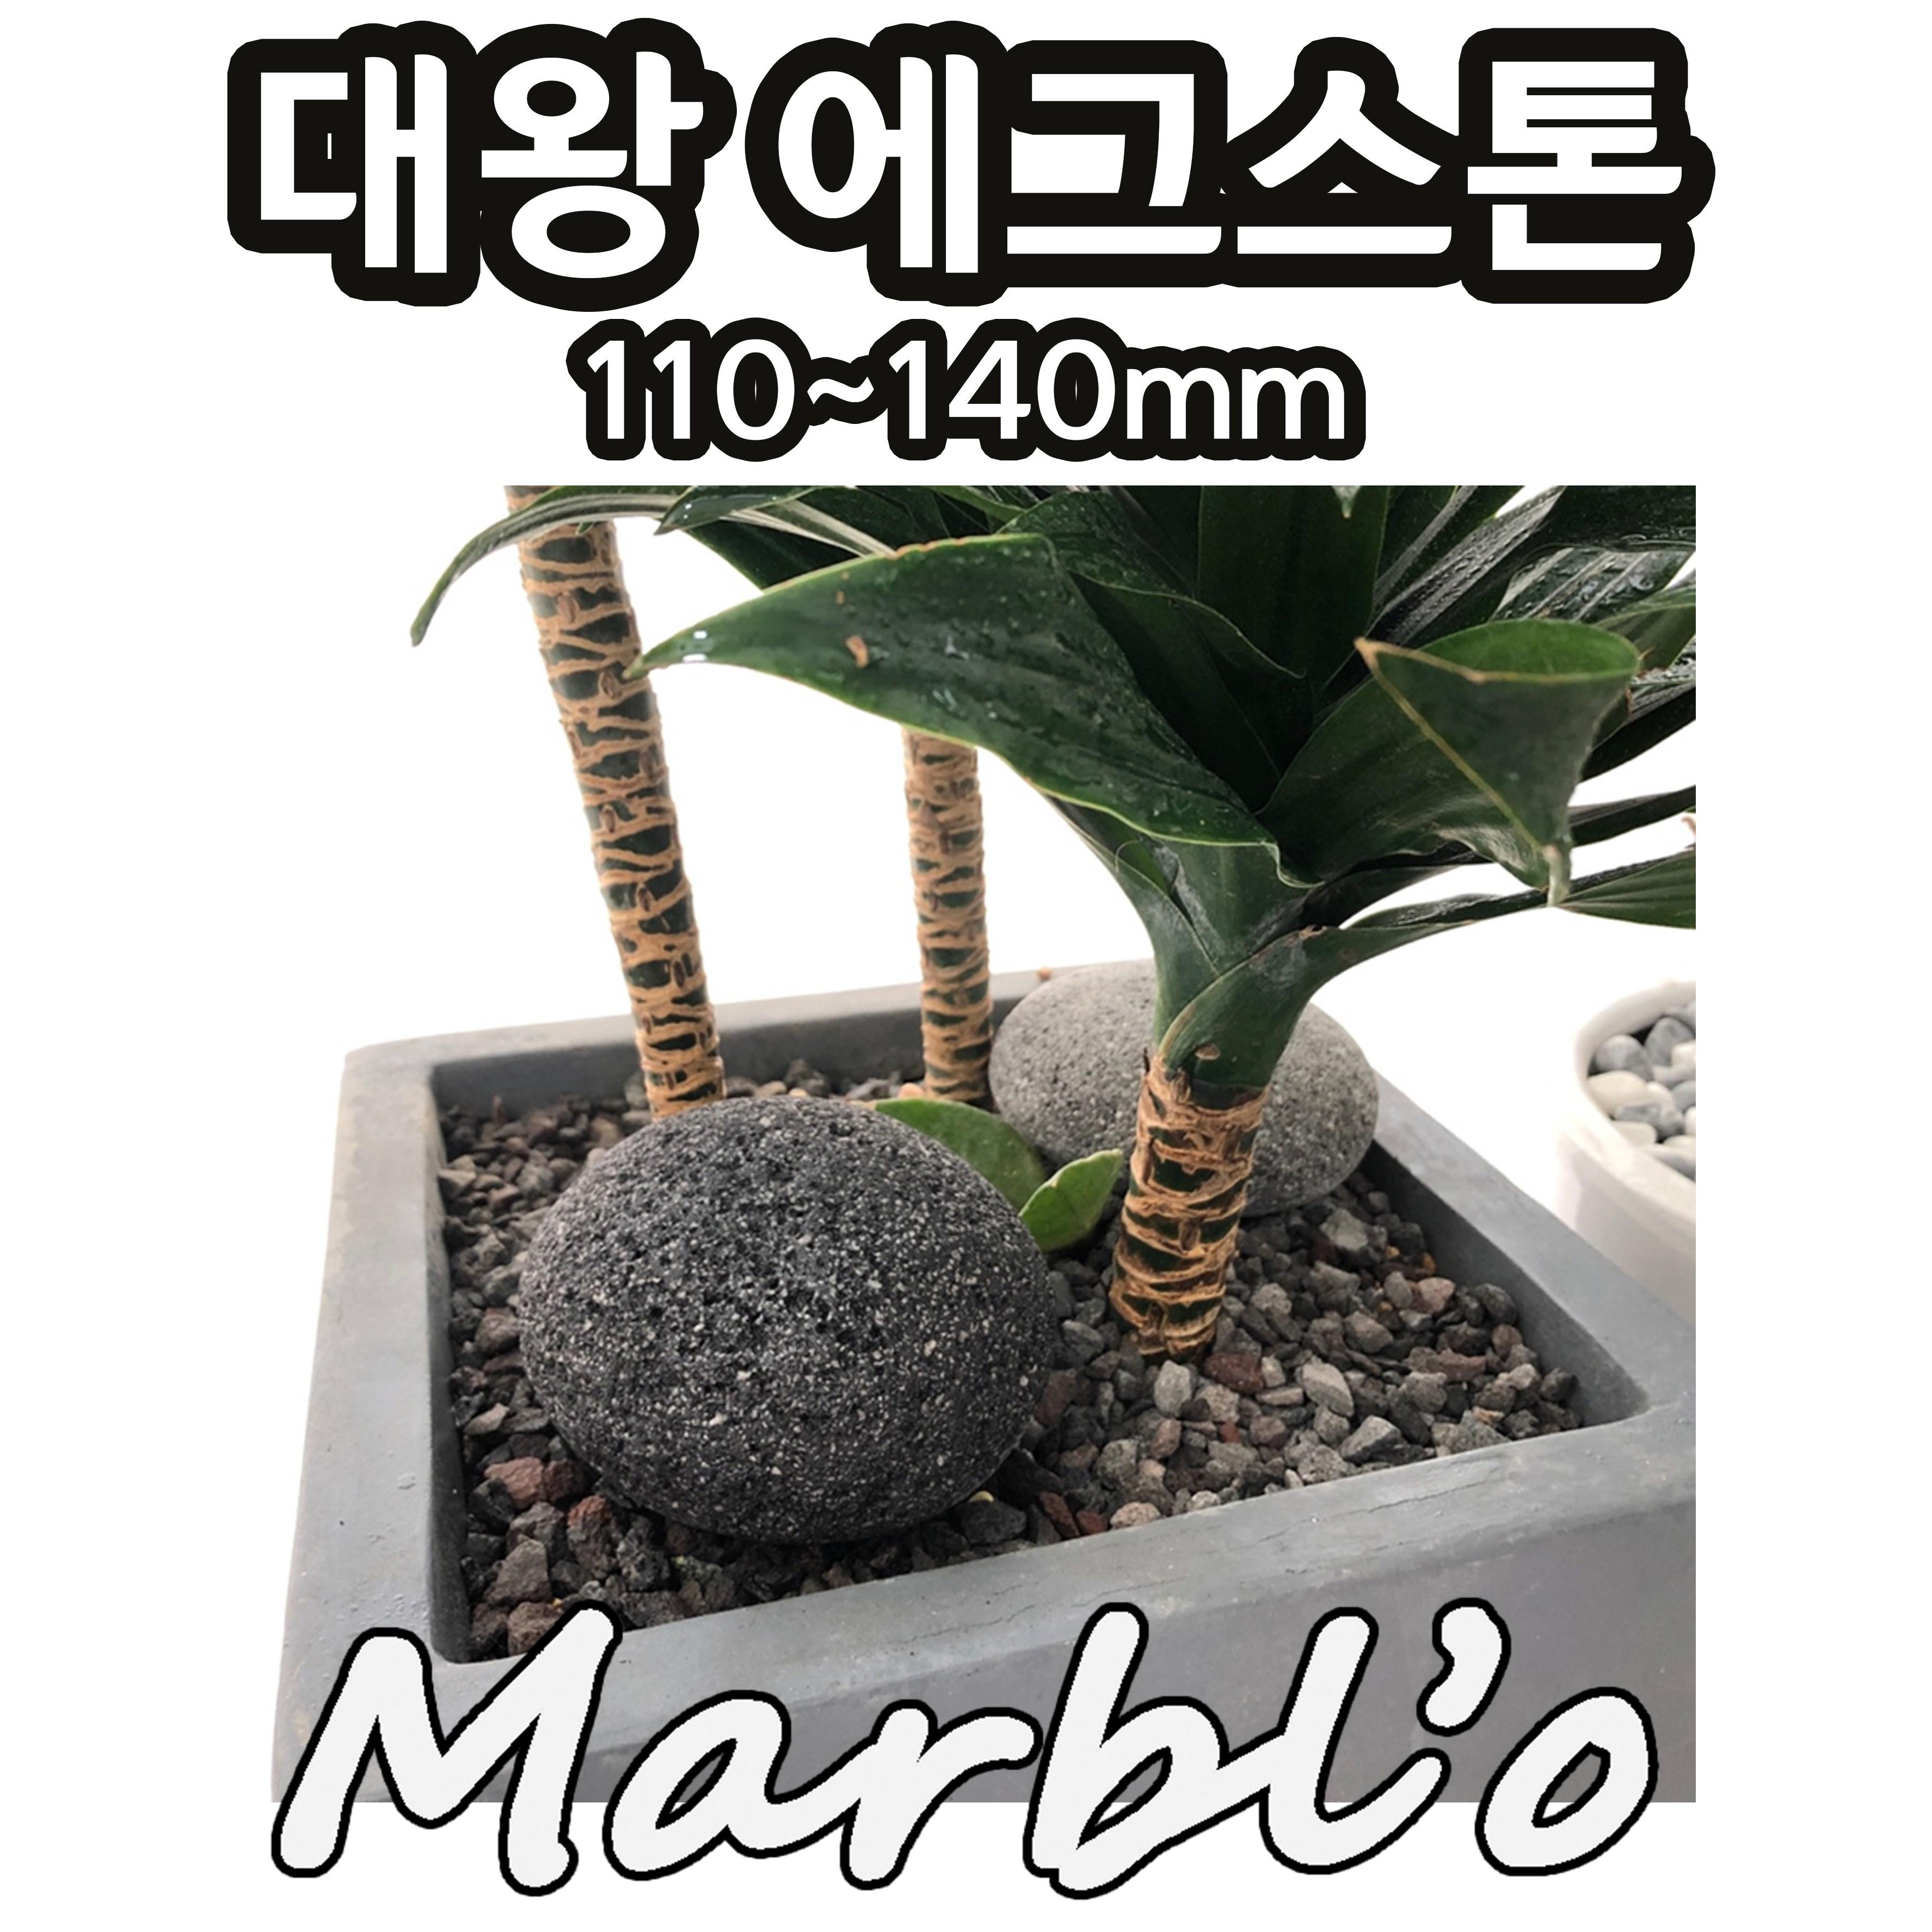 [마블로] 현무암 대왕 에그스톤 자갈 1개, 110~140mm